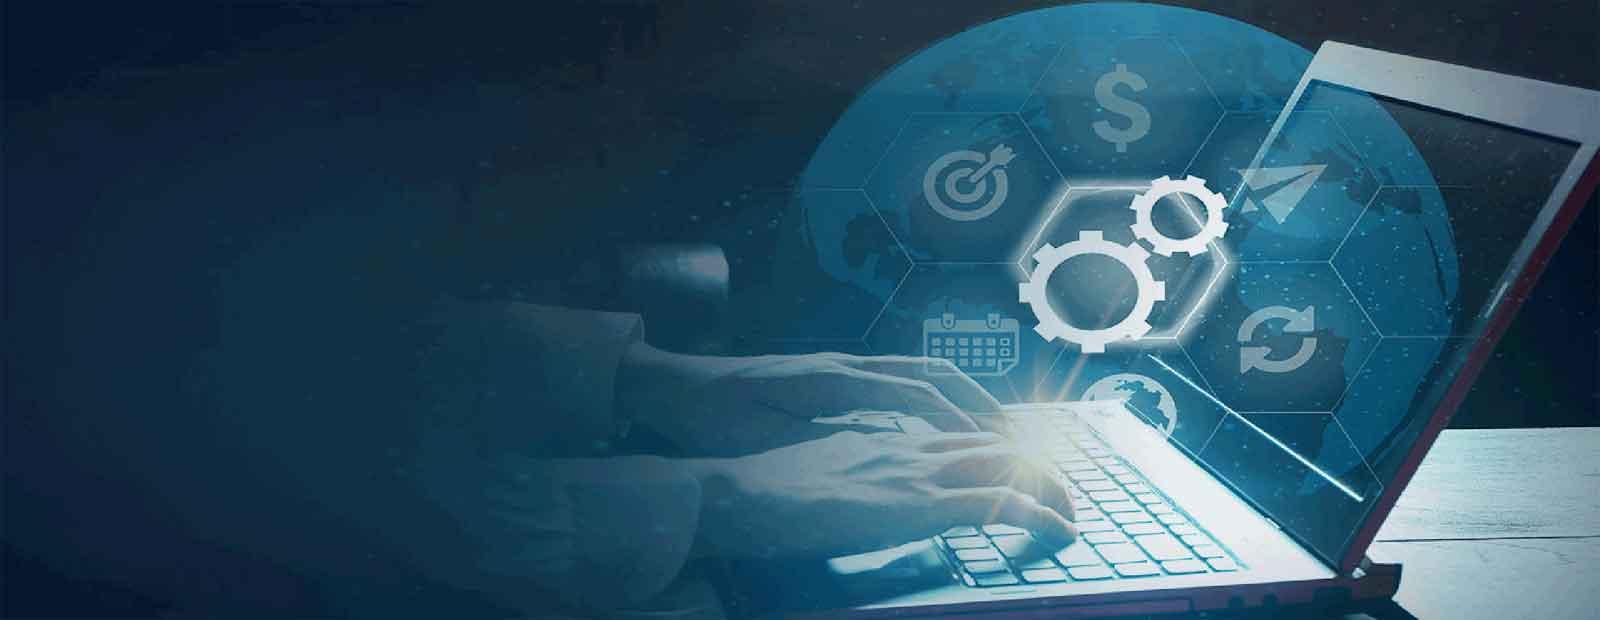 software-it-company-meeerut-delhi-development